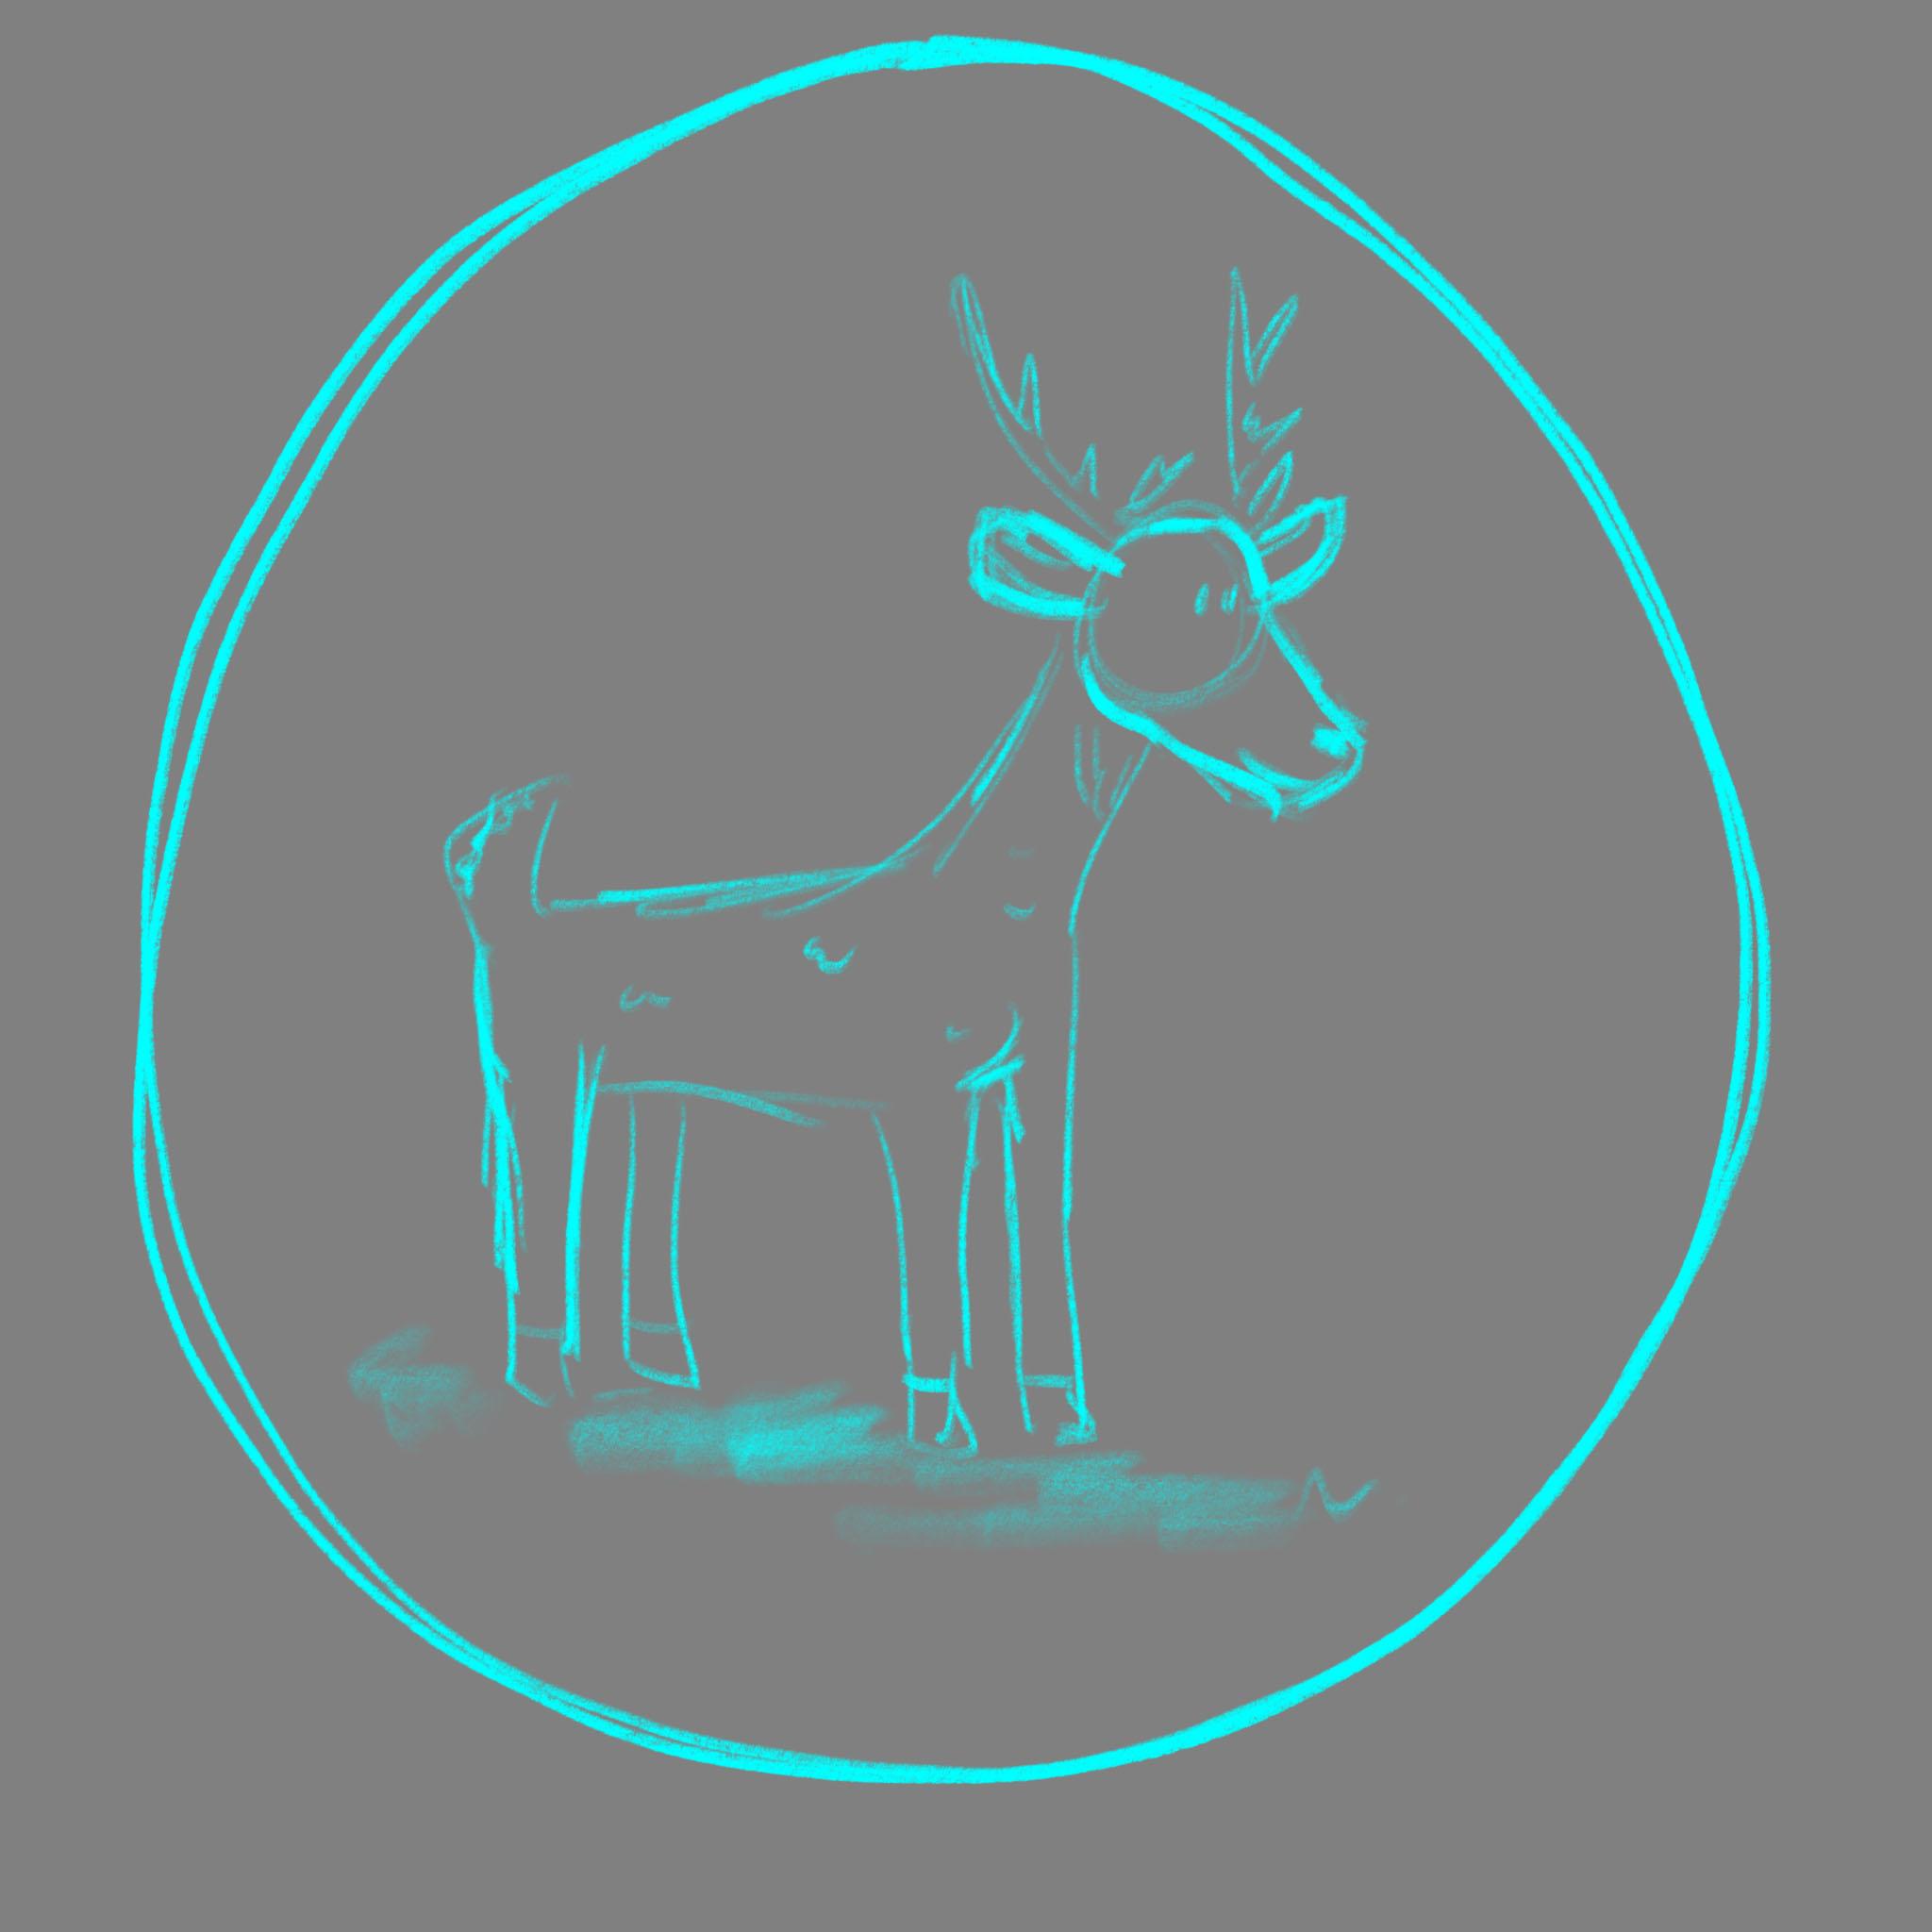 lac-bau-cua_tet-2018_2048x2048_190105_nh_v1.0_Deer.jpg